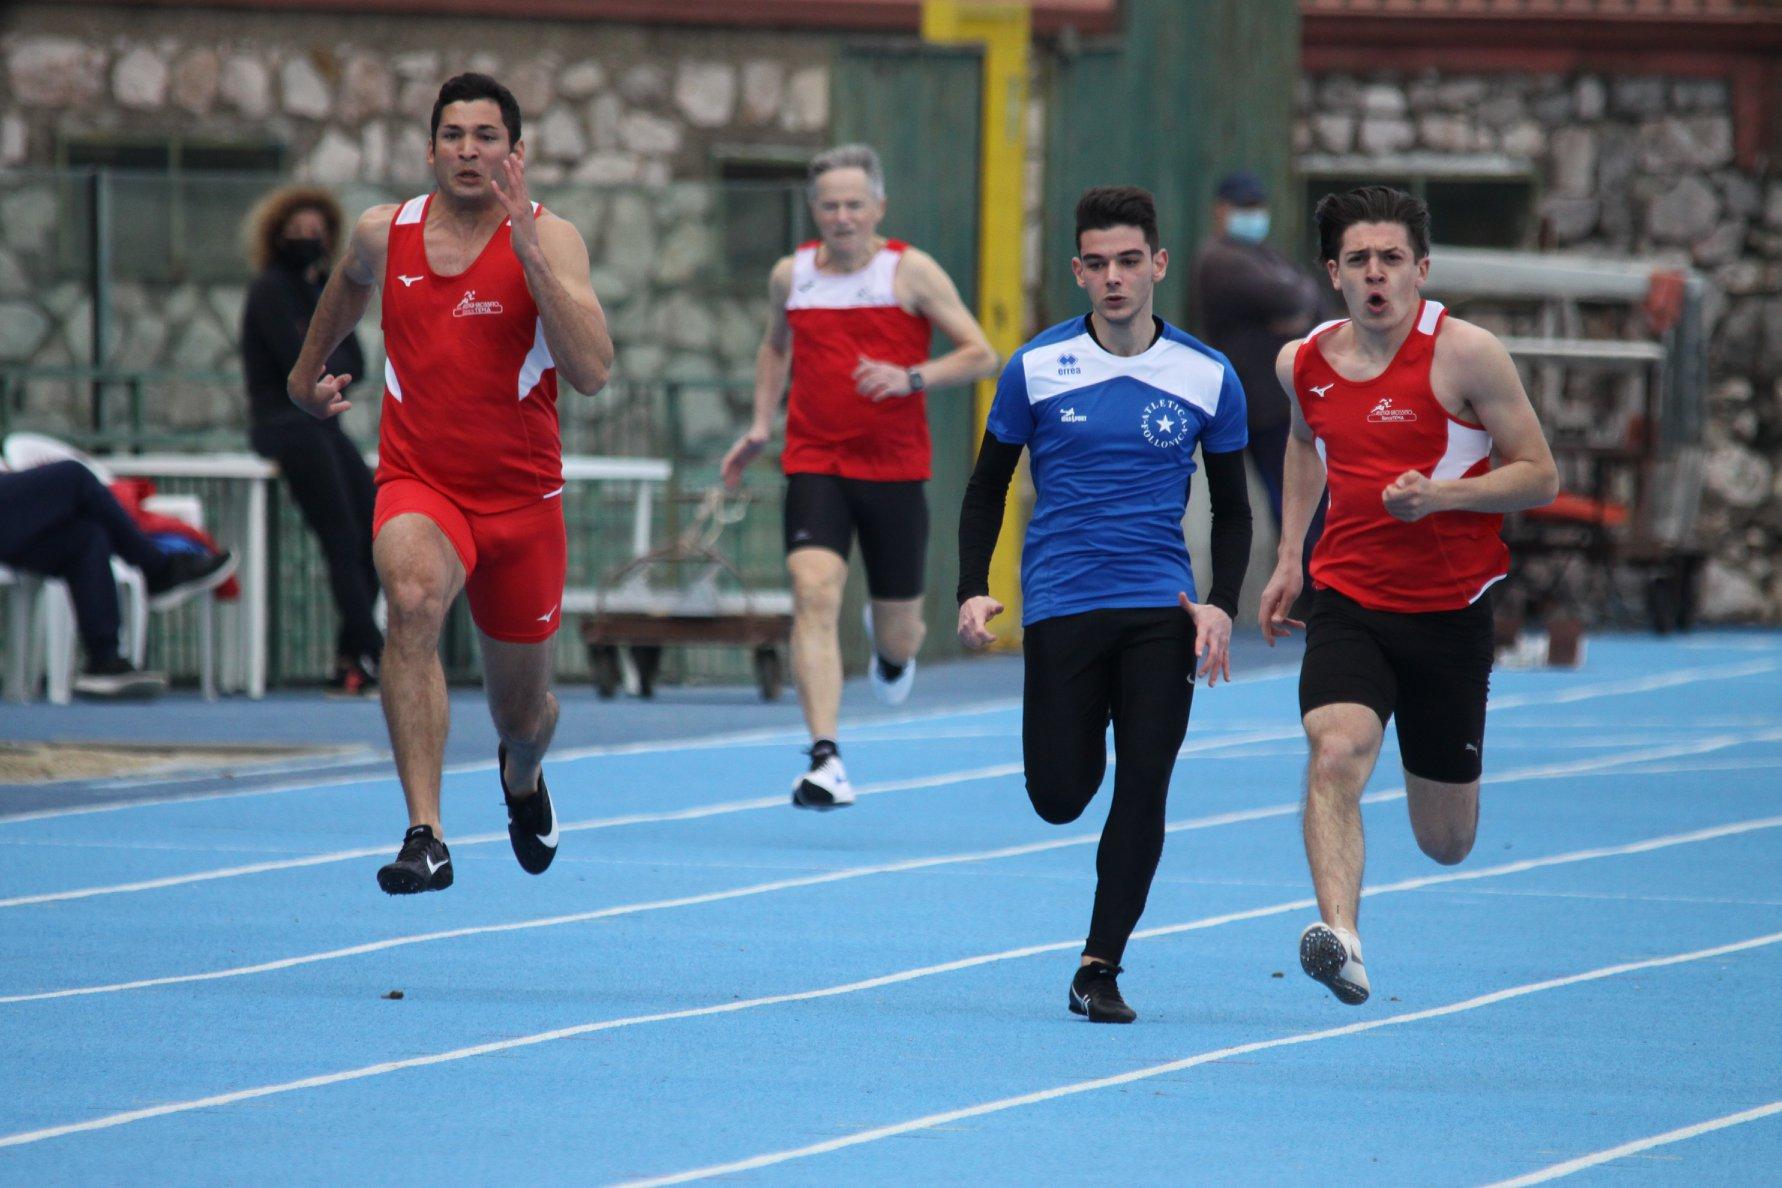 Atletica-il-biancorosso-Cipriani-sui-100-metri